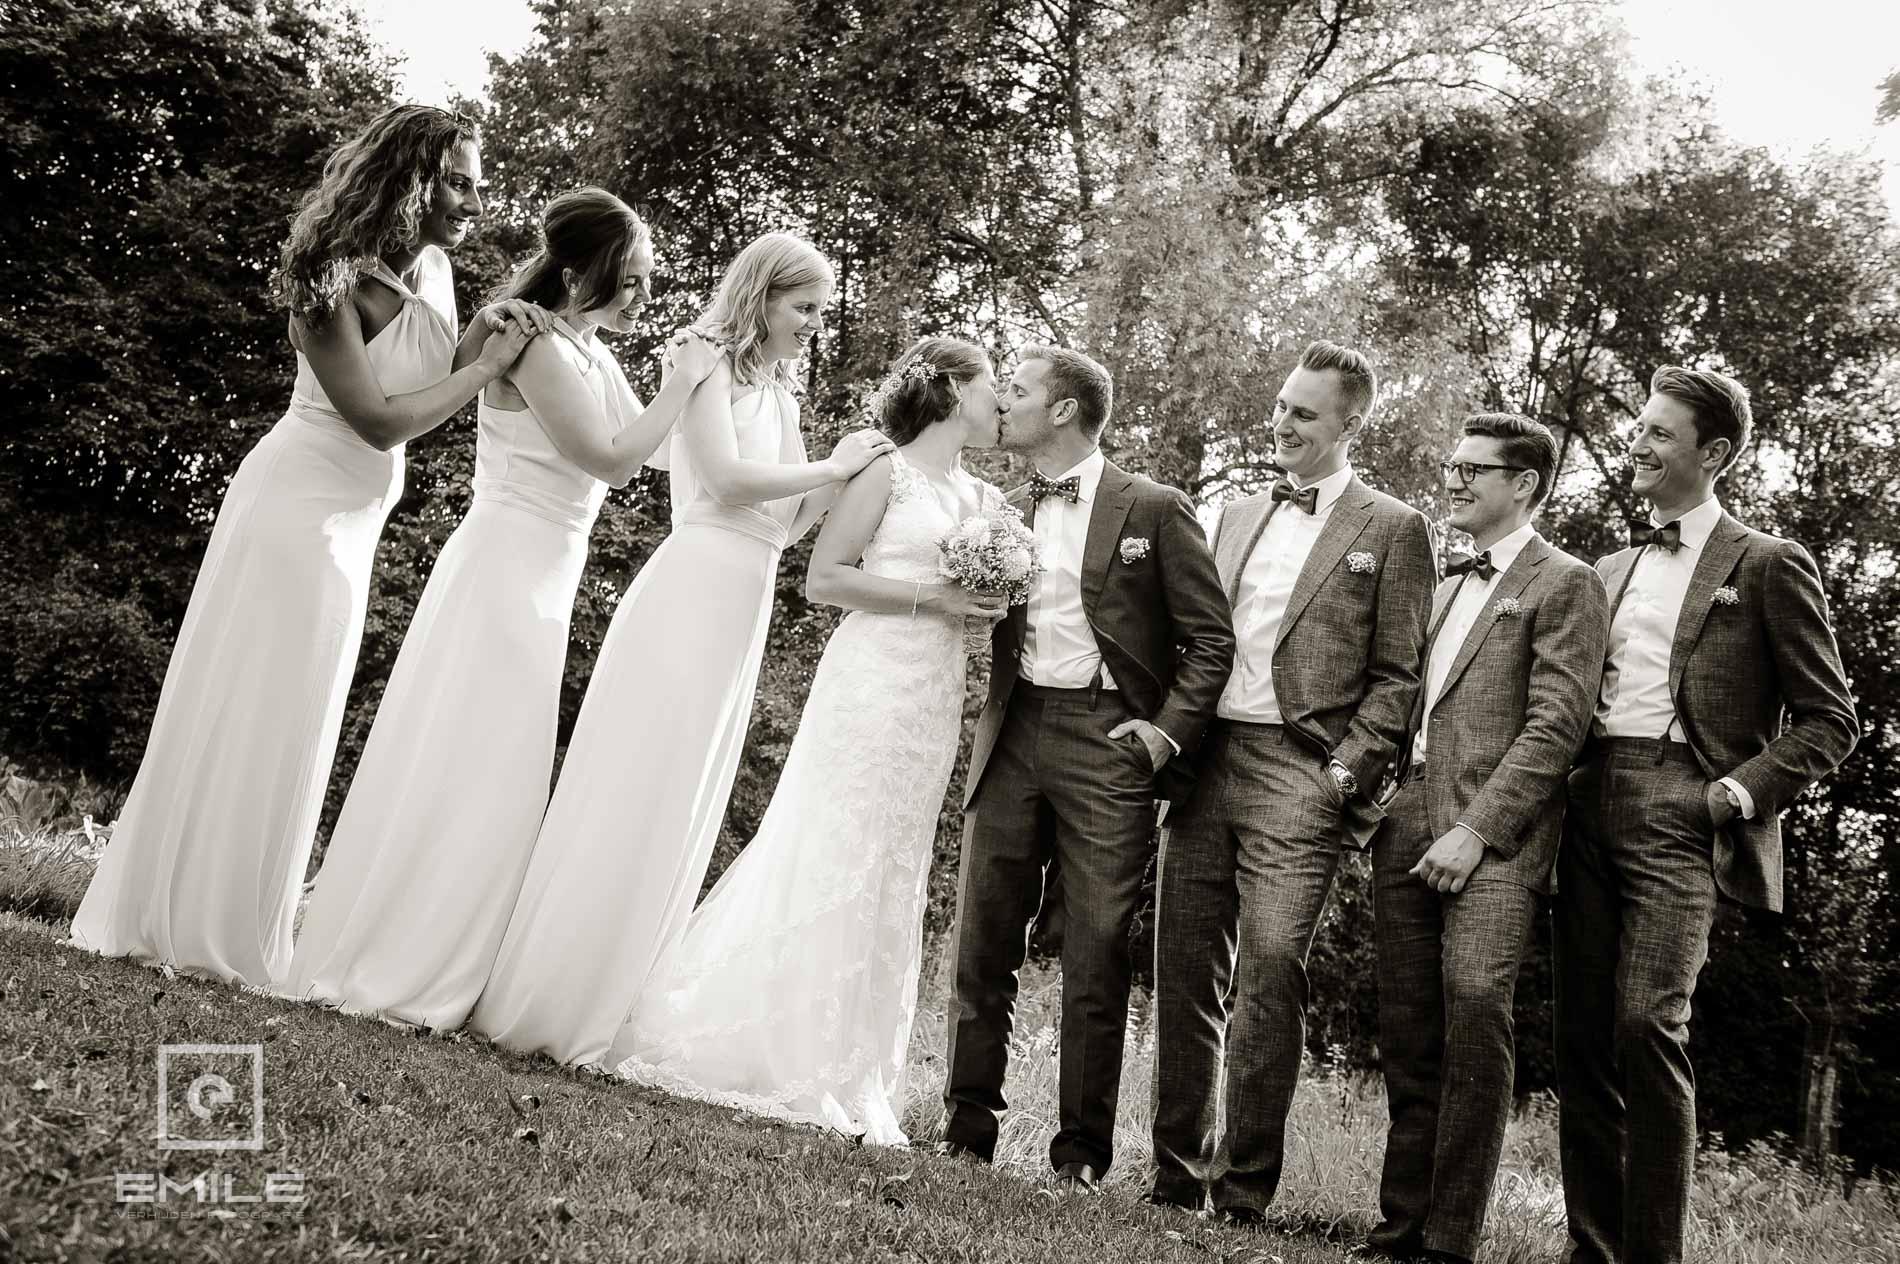 Bruidsfotograaf Landgraaf - Winselerhof. Een kus in het gezelschap van vrienden